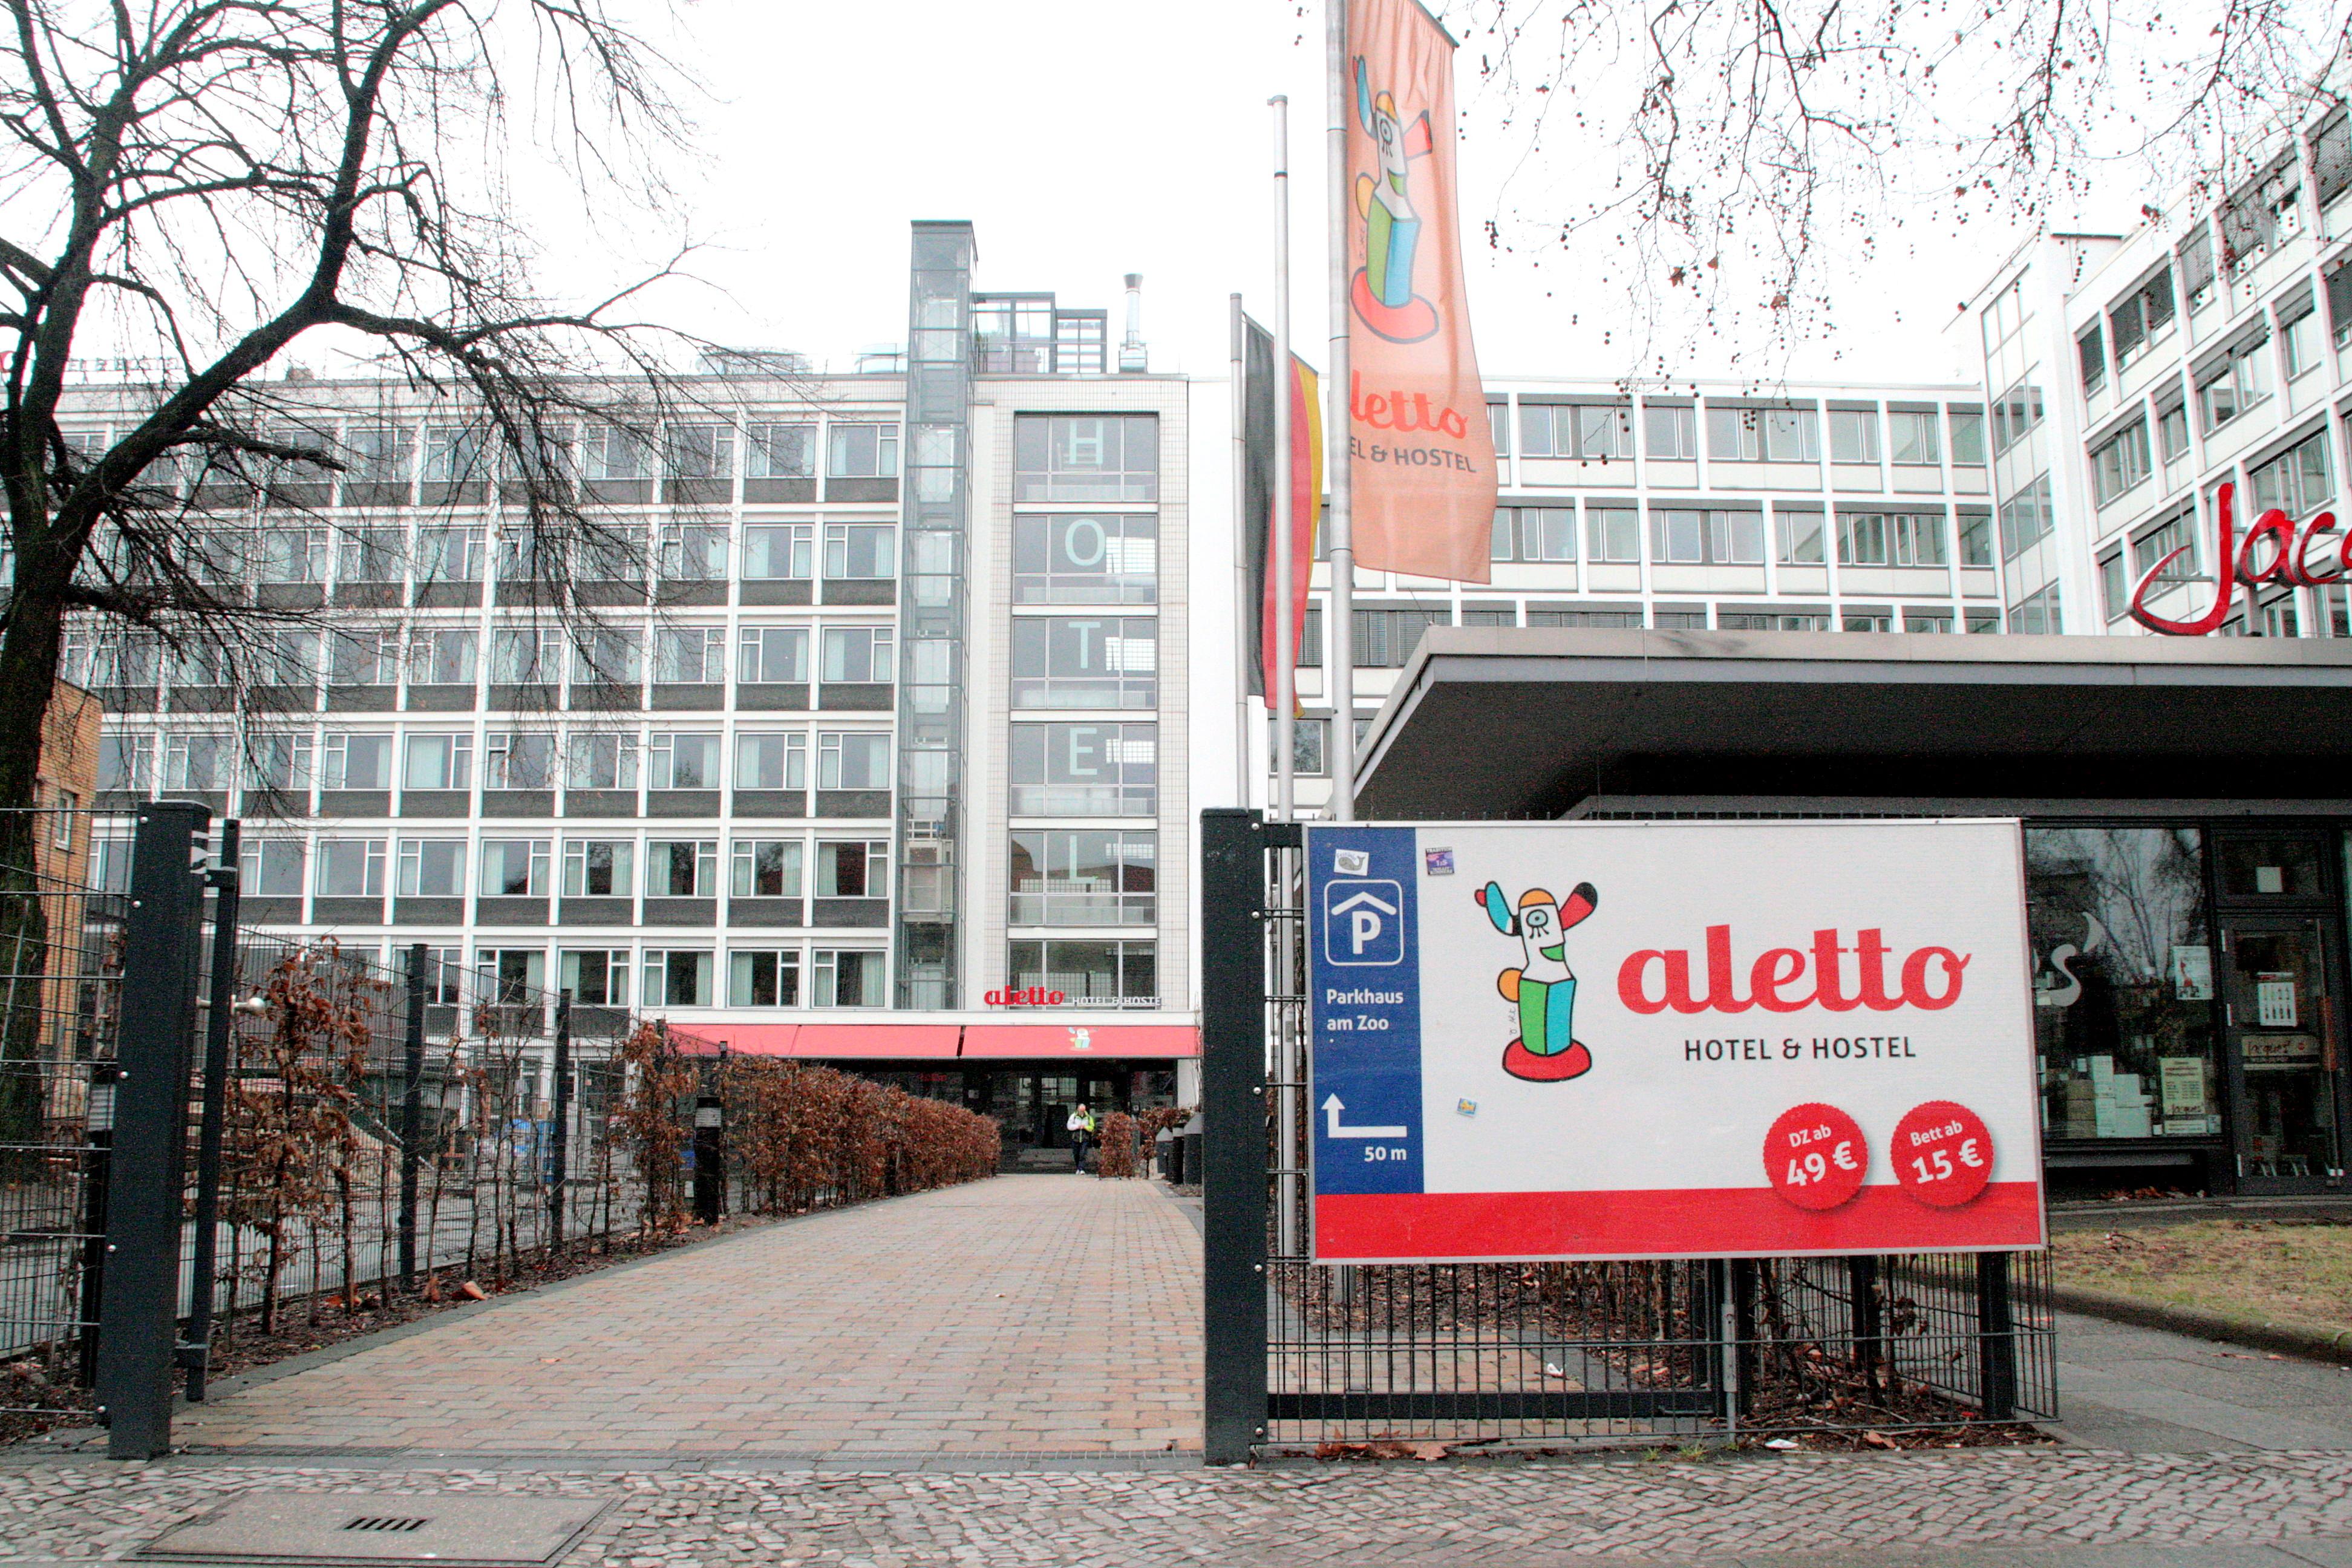 aletto Hotel Berlin Kurfürstendamm